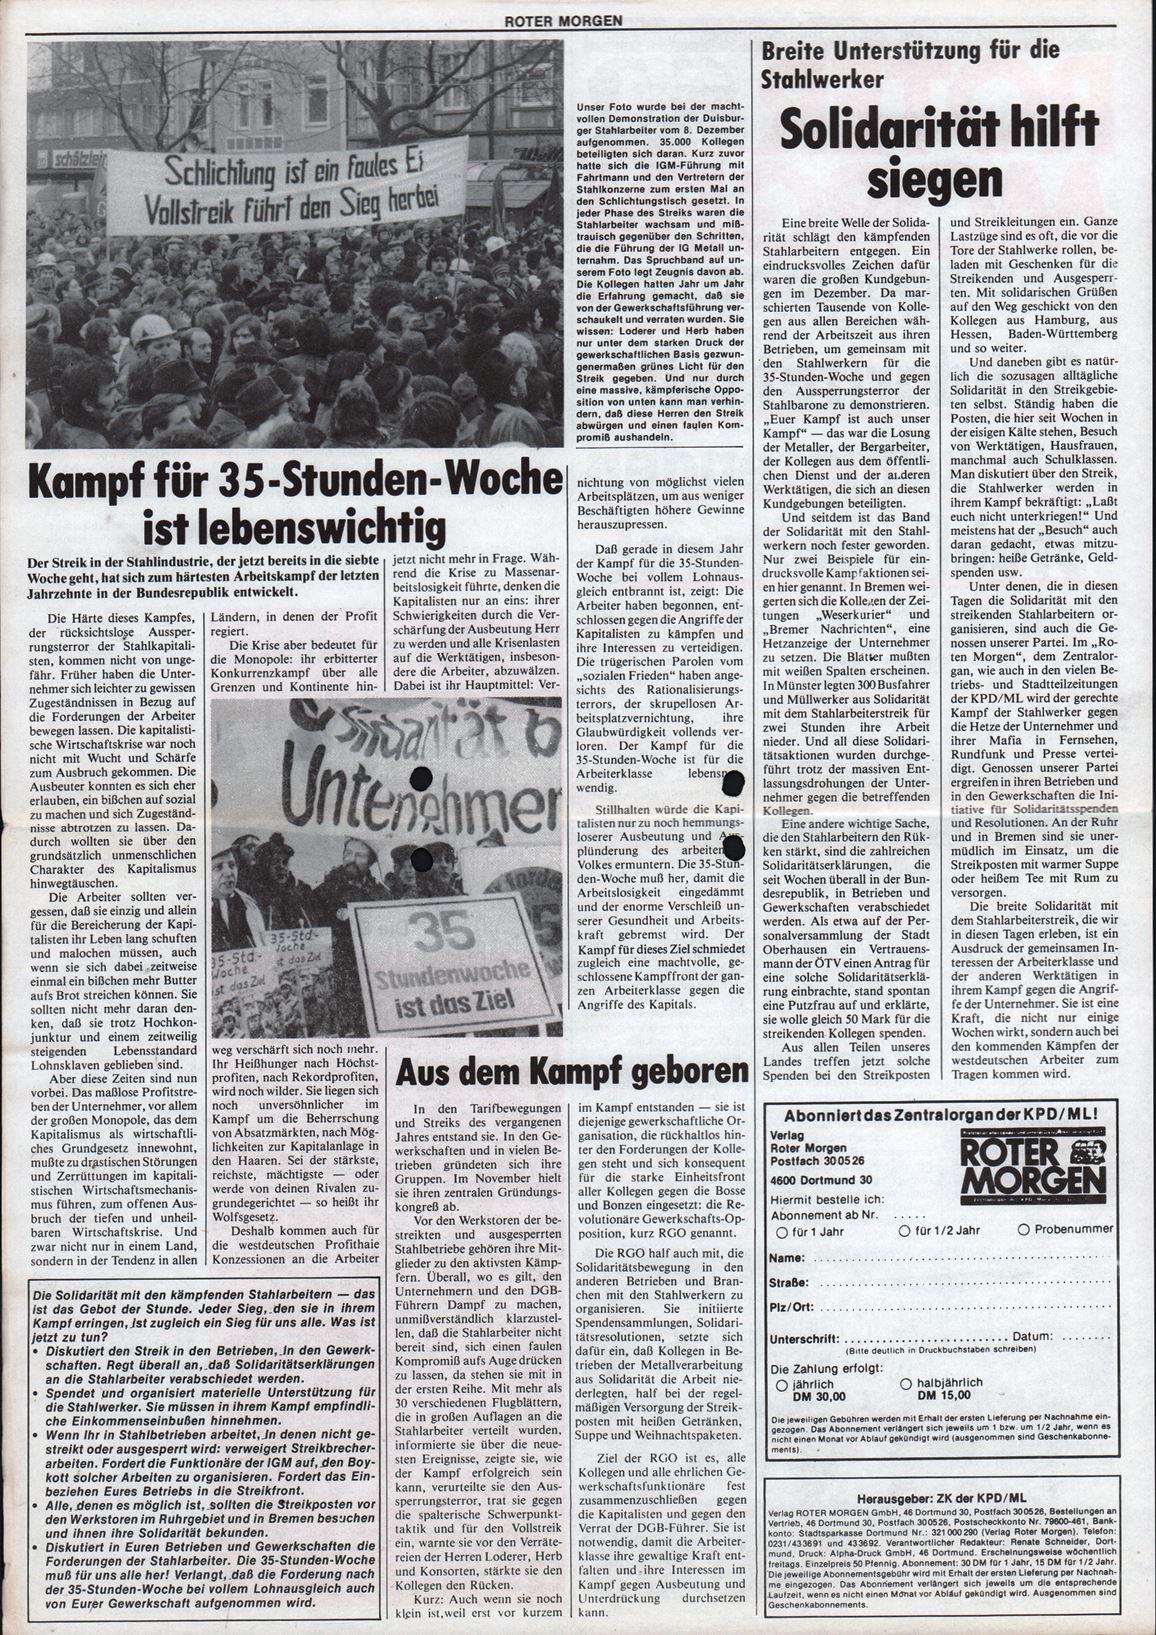 Roter Morgen, 13. Jg., Januar 1979, Extrablatt, Seite 2